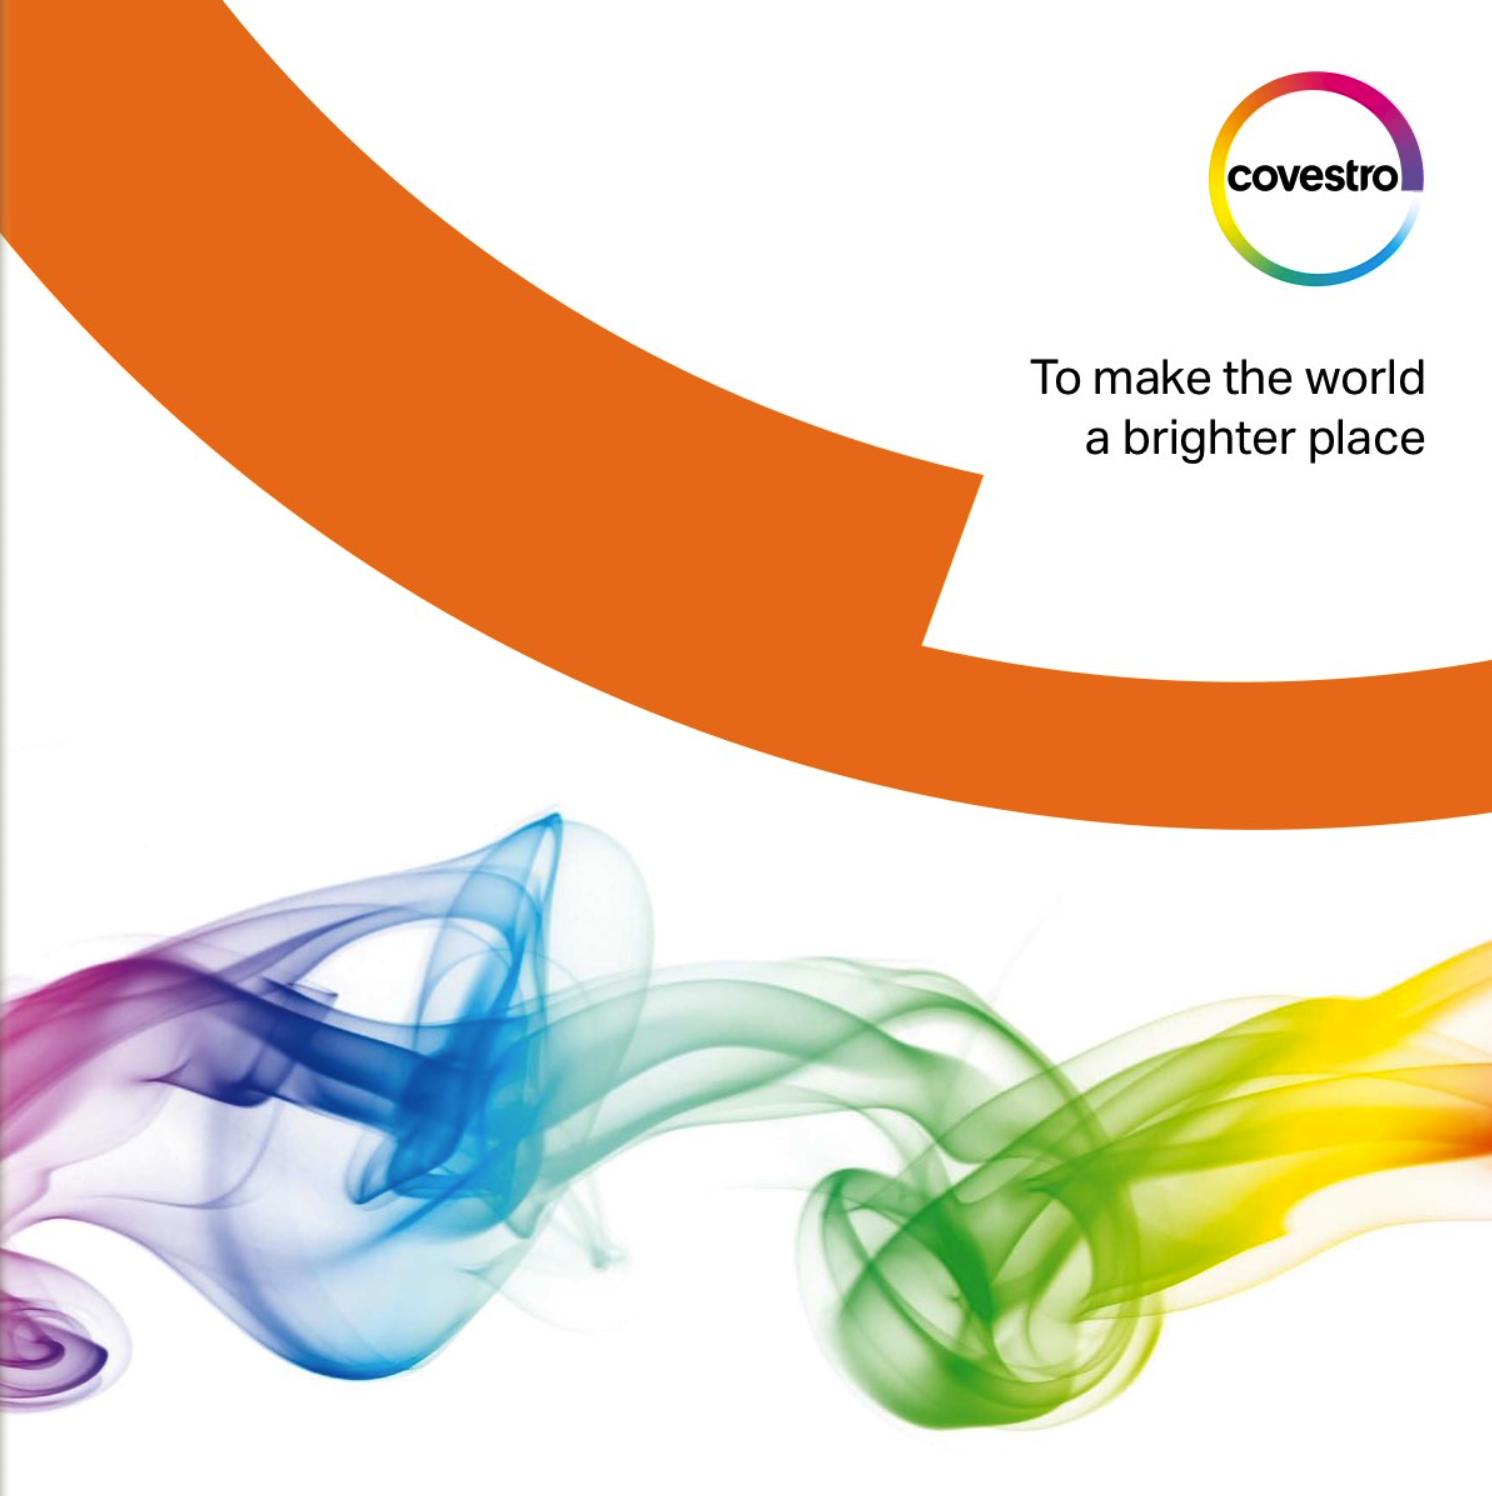 Covestro brochure